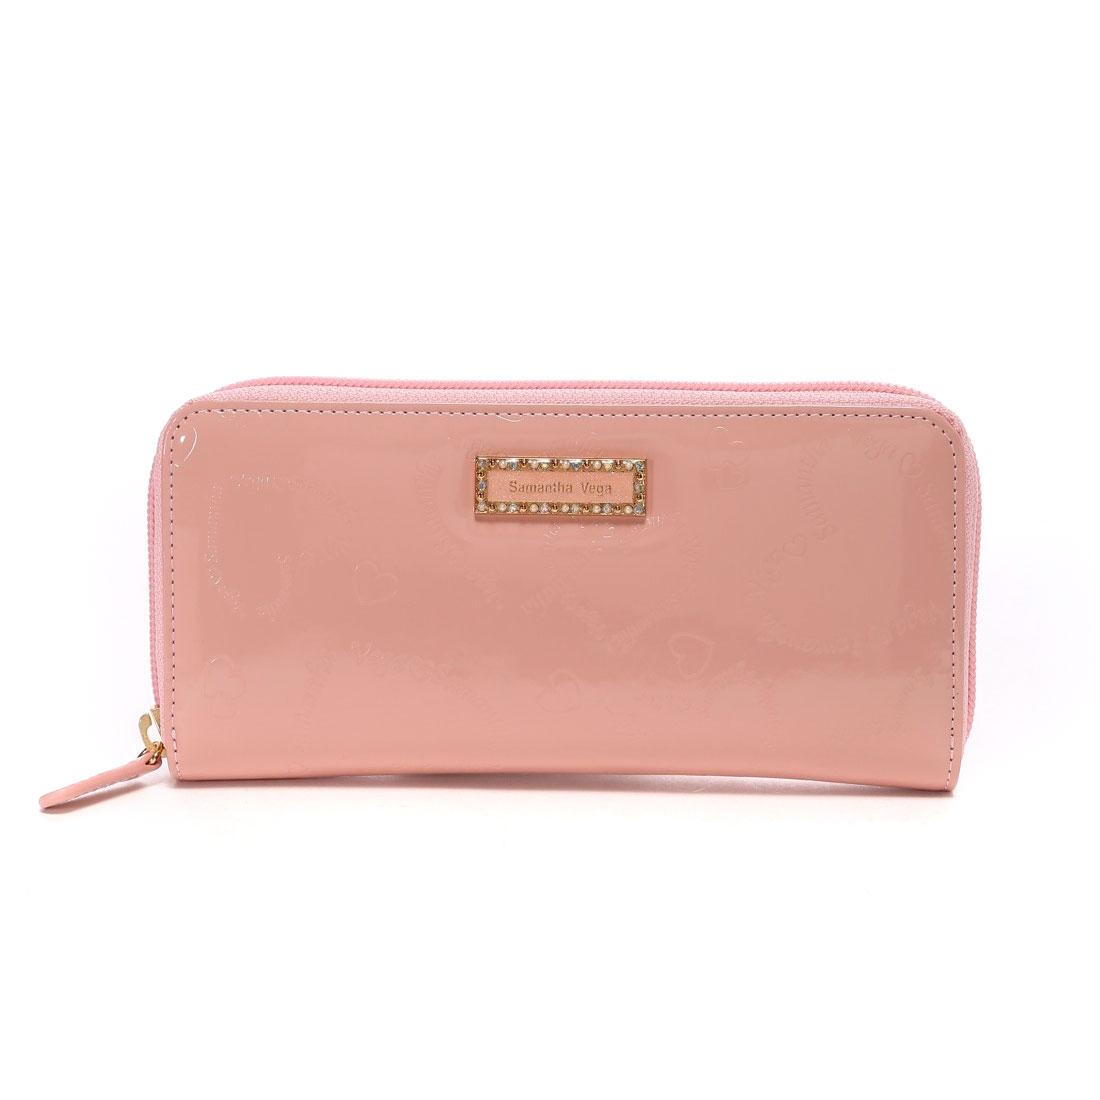 女の子が大好きなデザインが魅力。サマンサタバサの長財布をご紹介のサムネイル画像